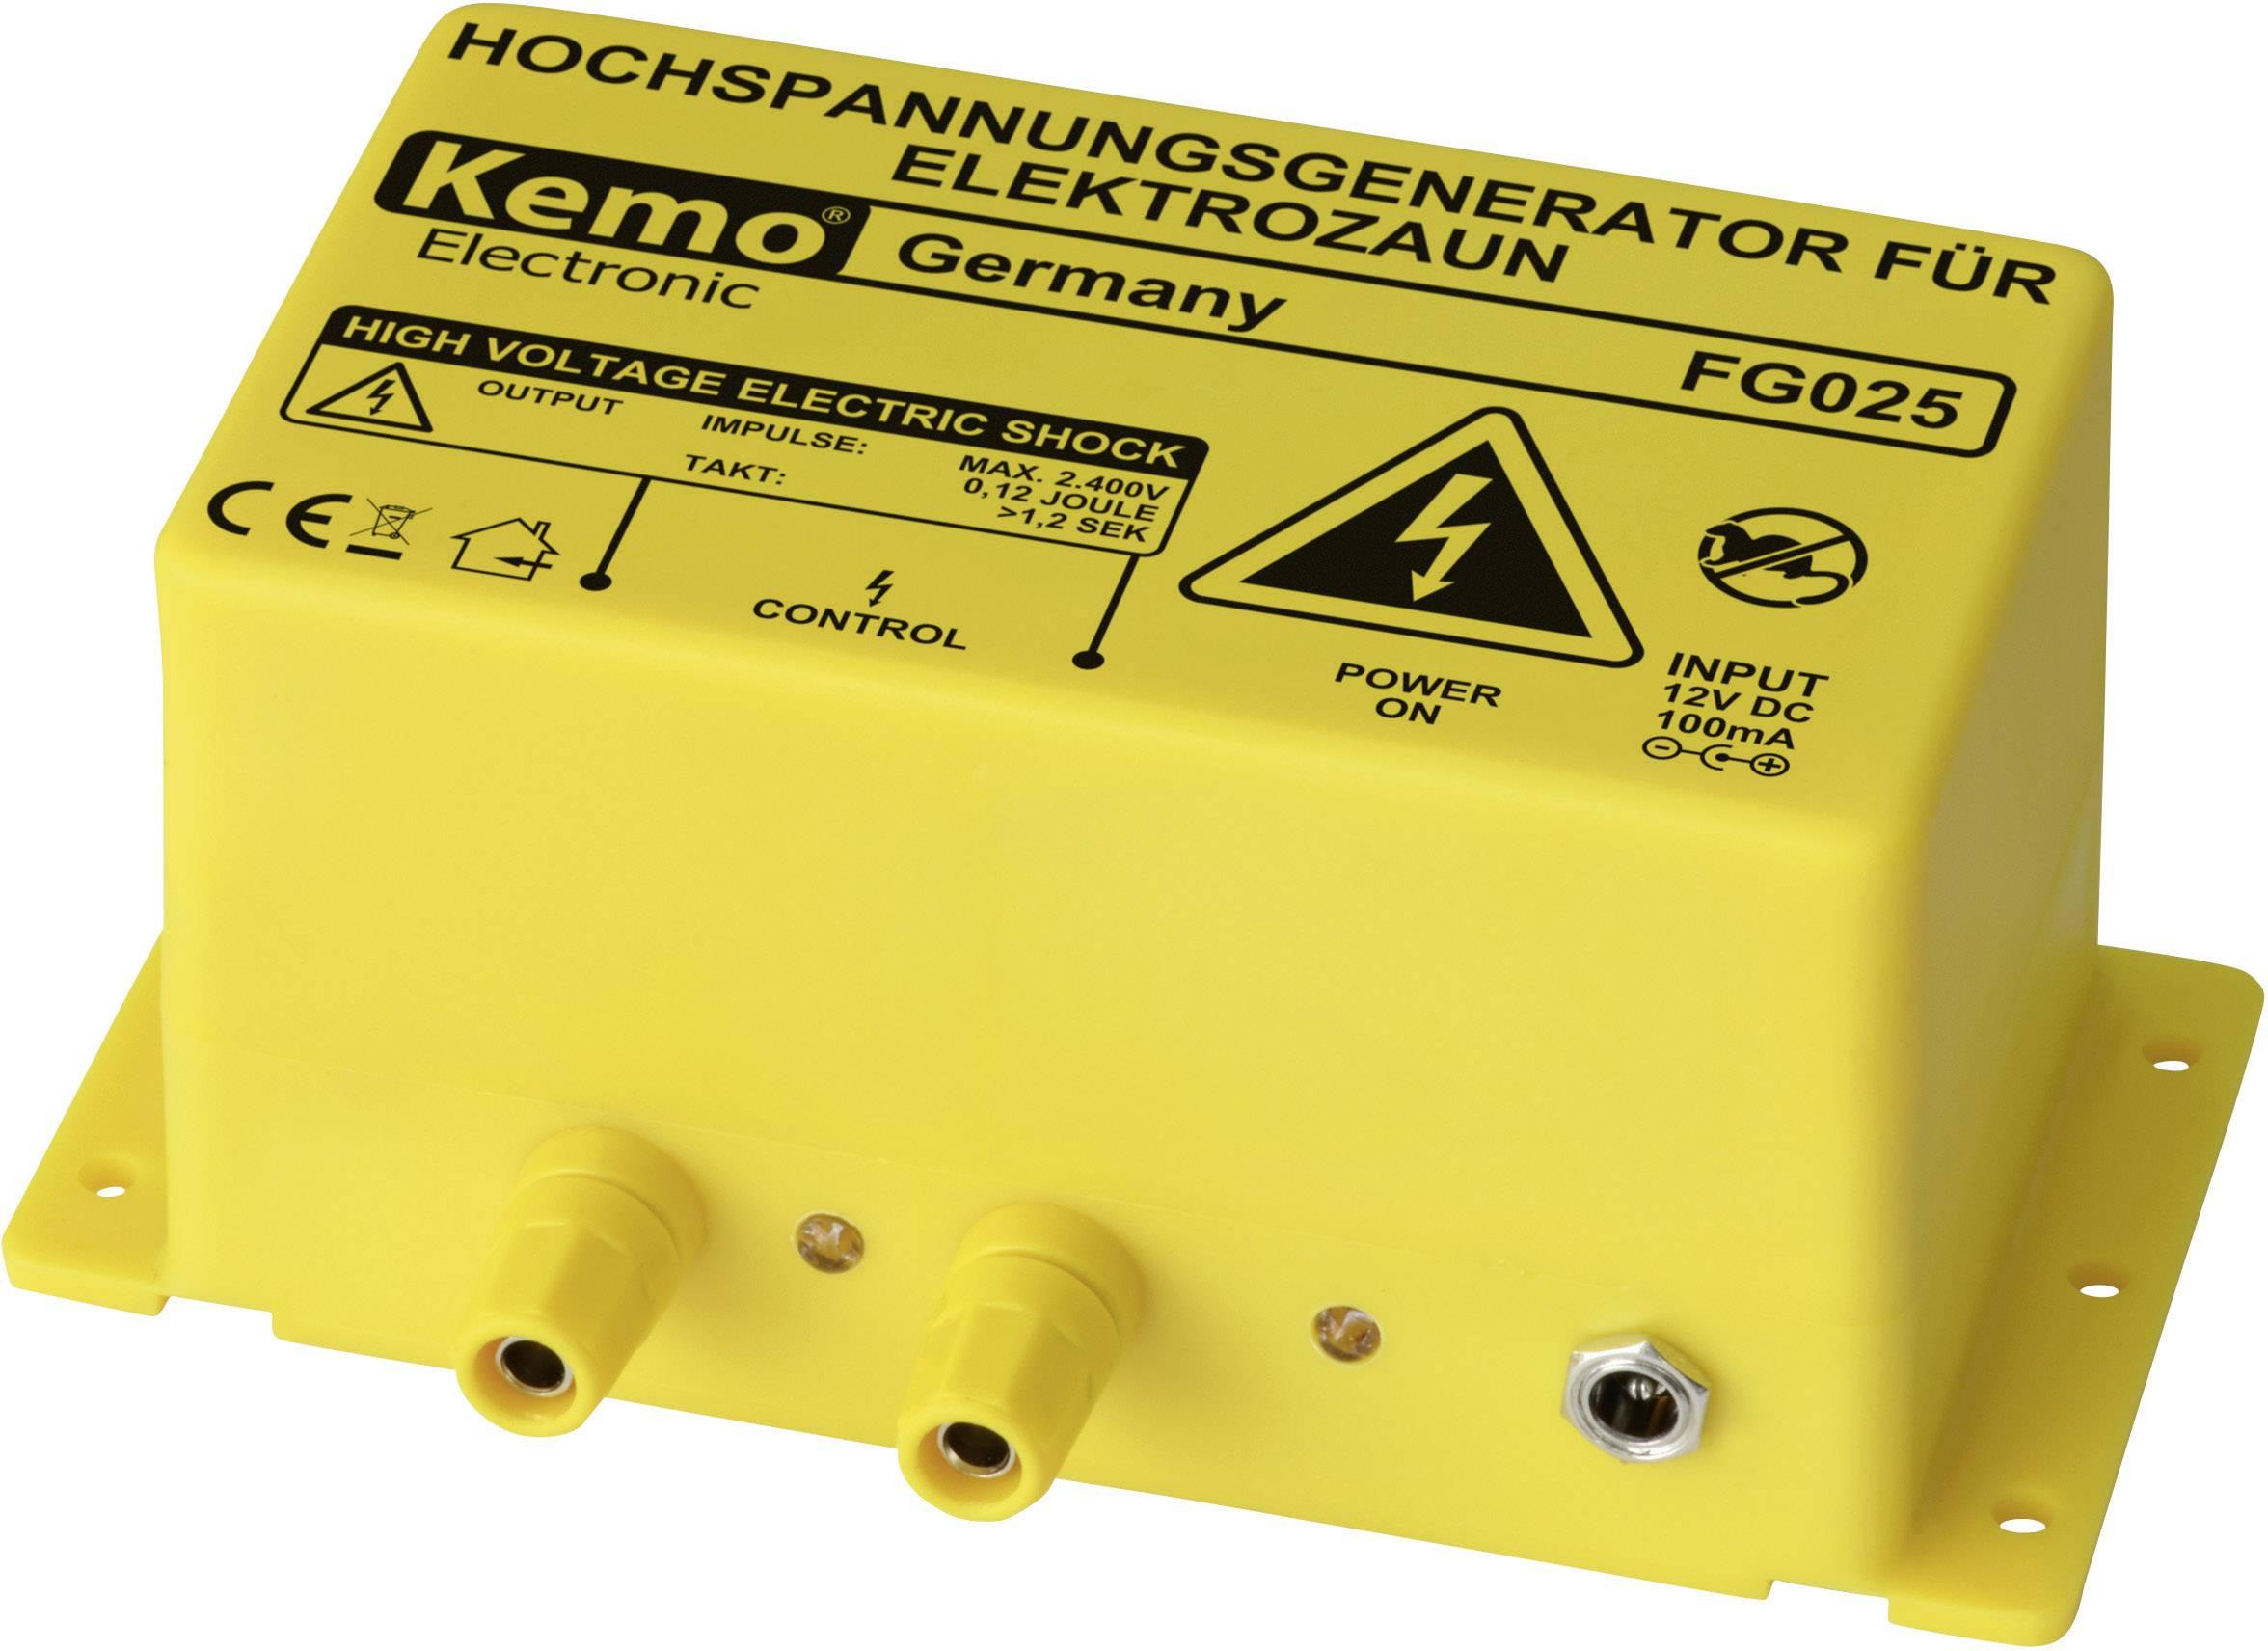 Vysokonapäťový generátor pre elektrické ohradníky Kemo, FG025